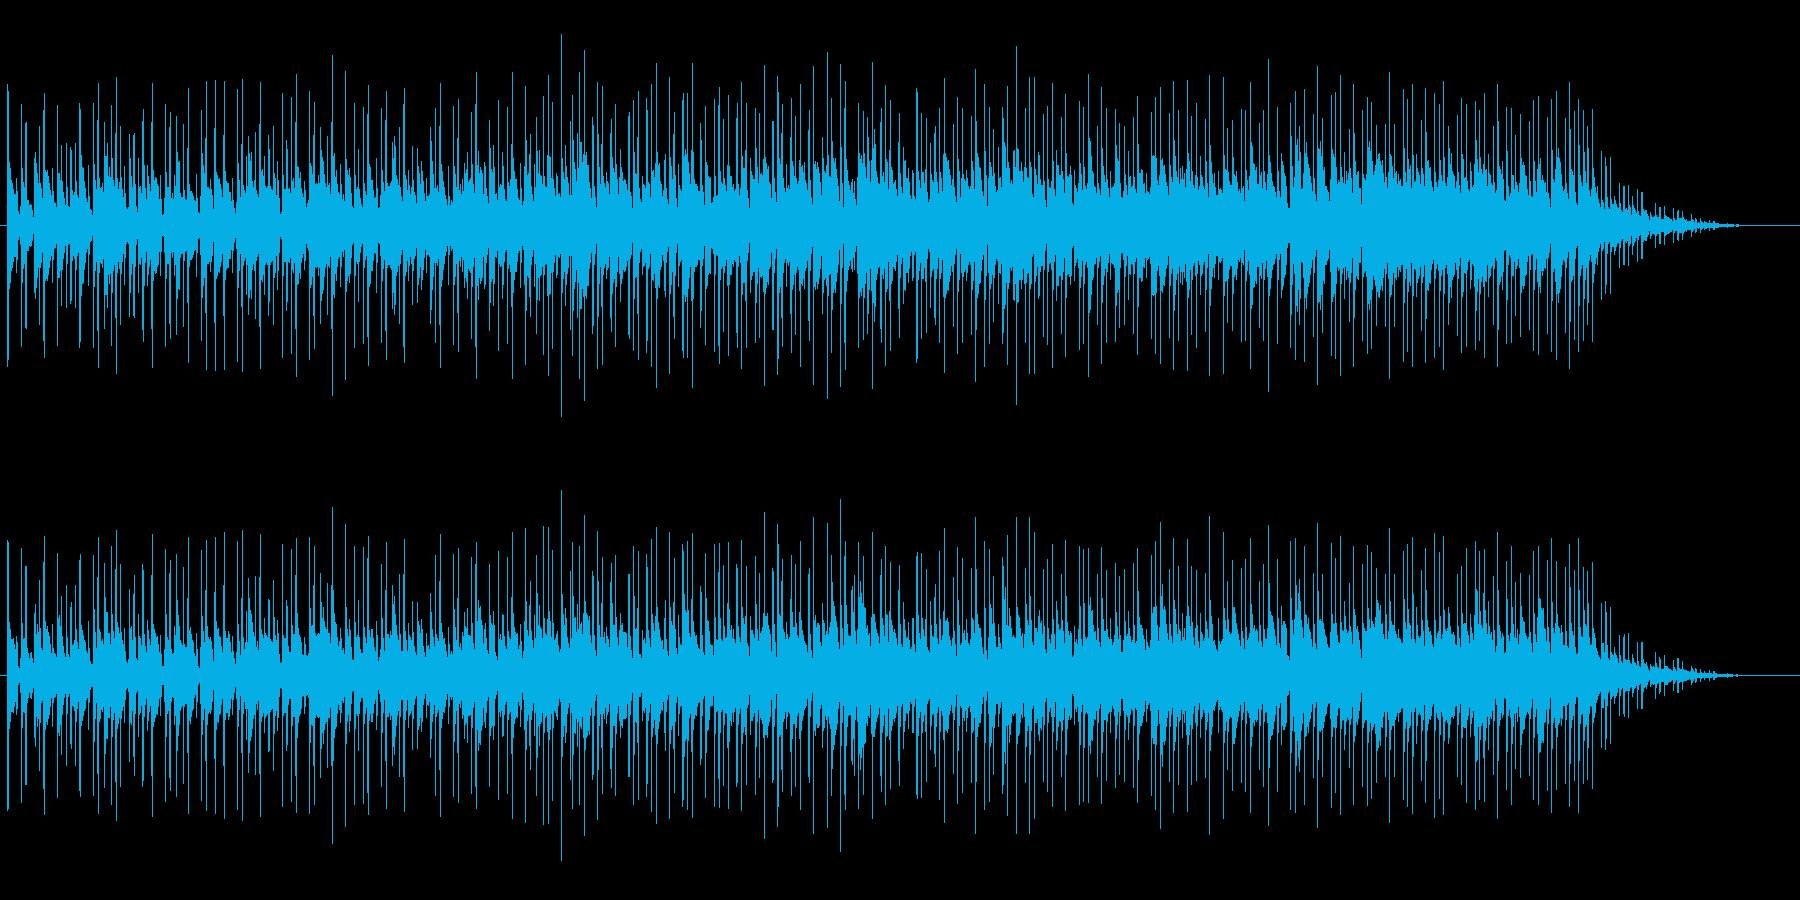 落ち着きのある大人なニューミュージックの再生済みの波形